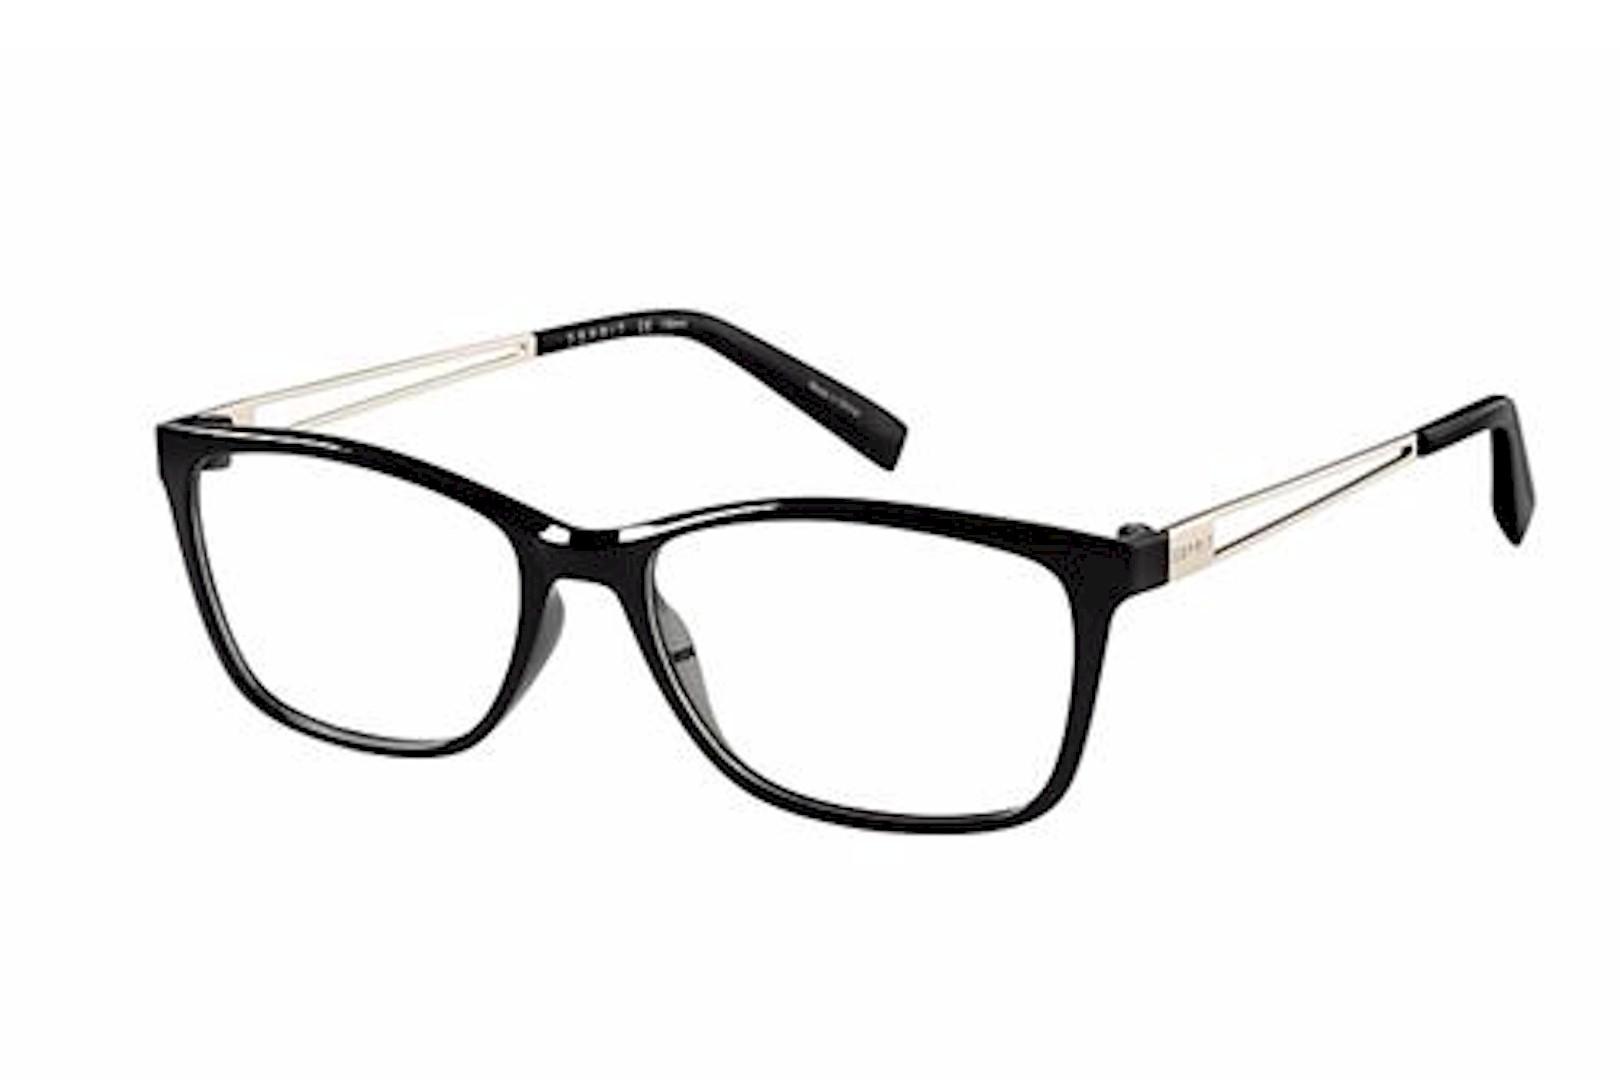 Esprit Women\'s Eyeglasses ET17562 ET/17562 Full Rim Optical Frame ...